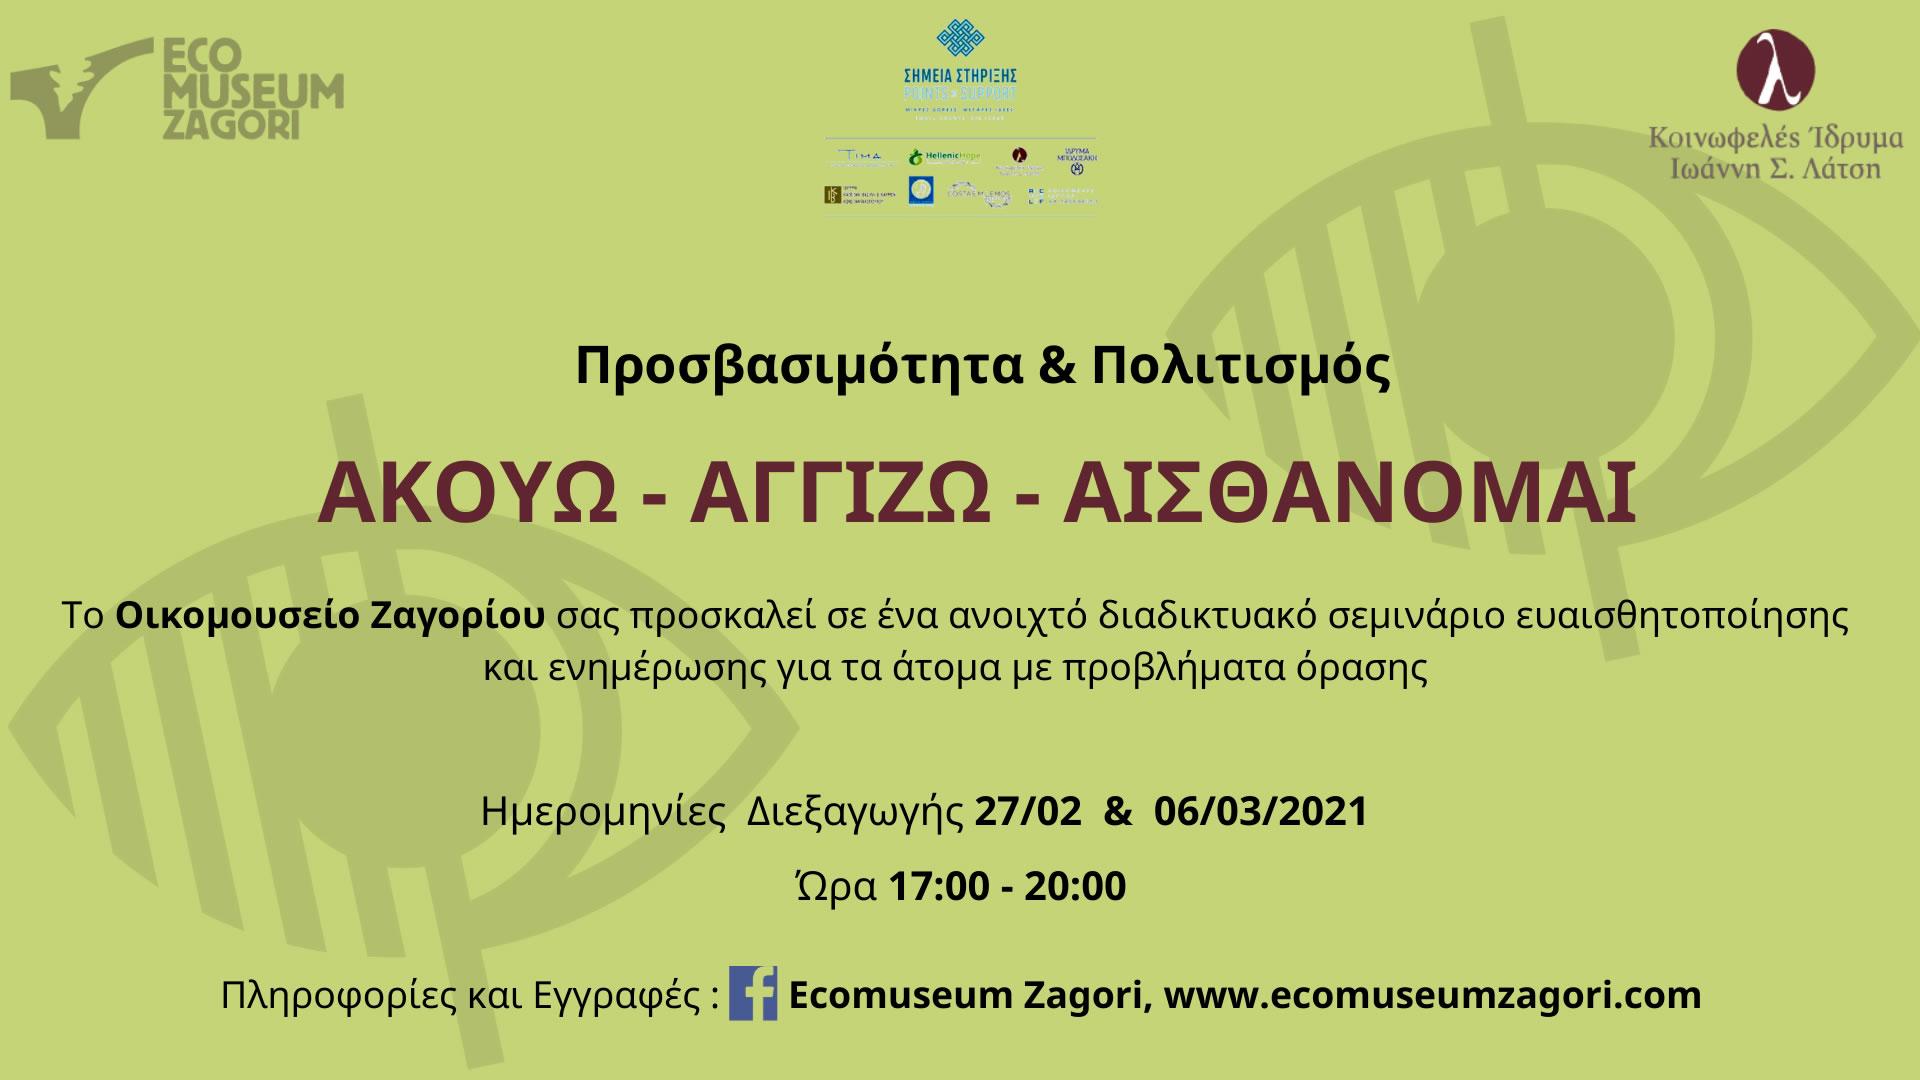 Διαδικτυακό ενημερωτικό σεμινάριο σχετικά με τη δράση «ΑΚΟΥΩ – ΑΓΓΙΖΩ –ΑΙΣΘΑΝΟΜΑΙ» και την προσβασιμότητα στον πολιτισμό